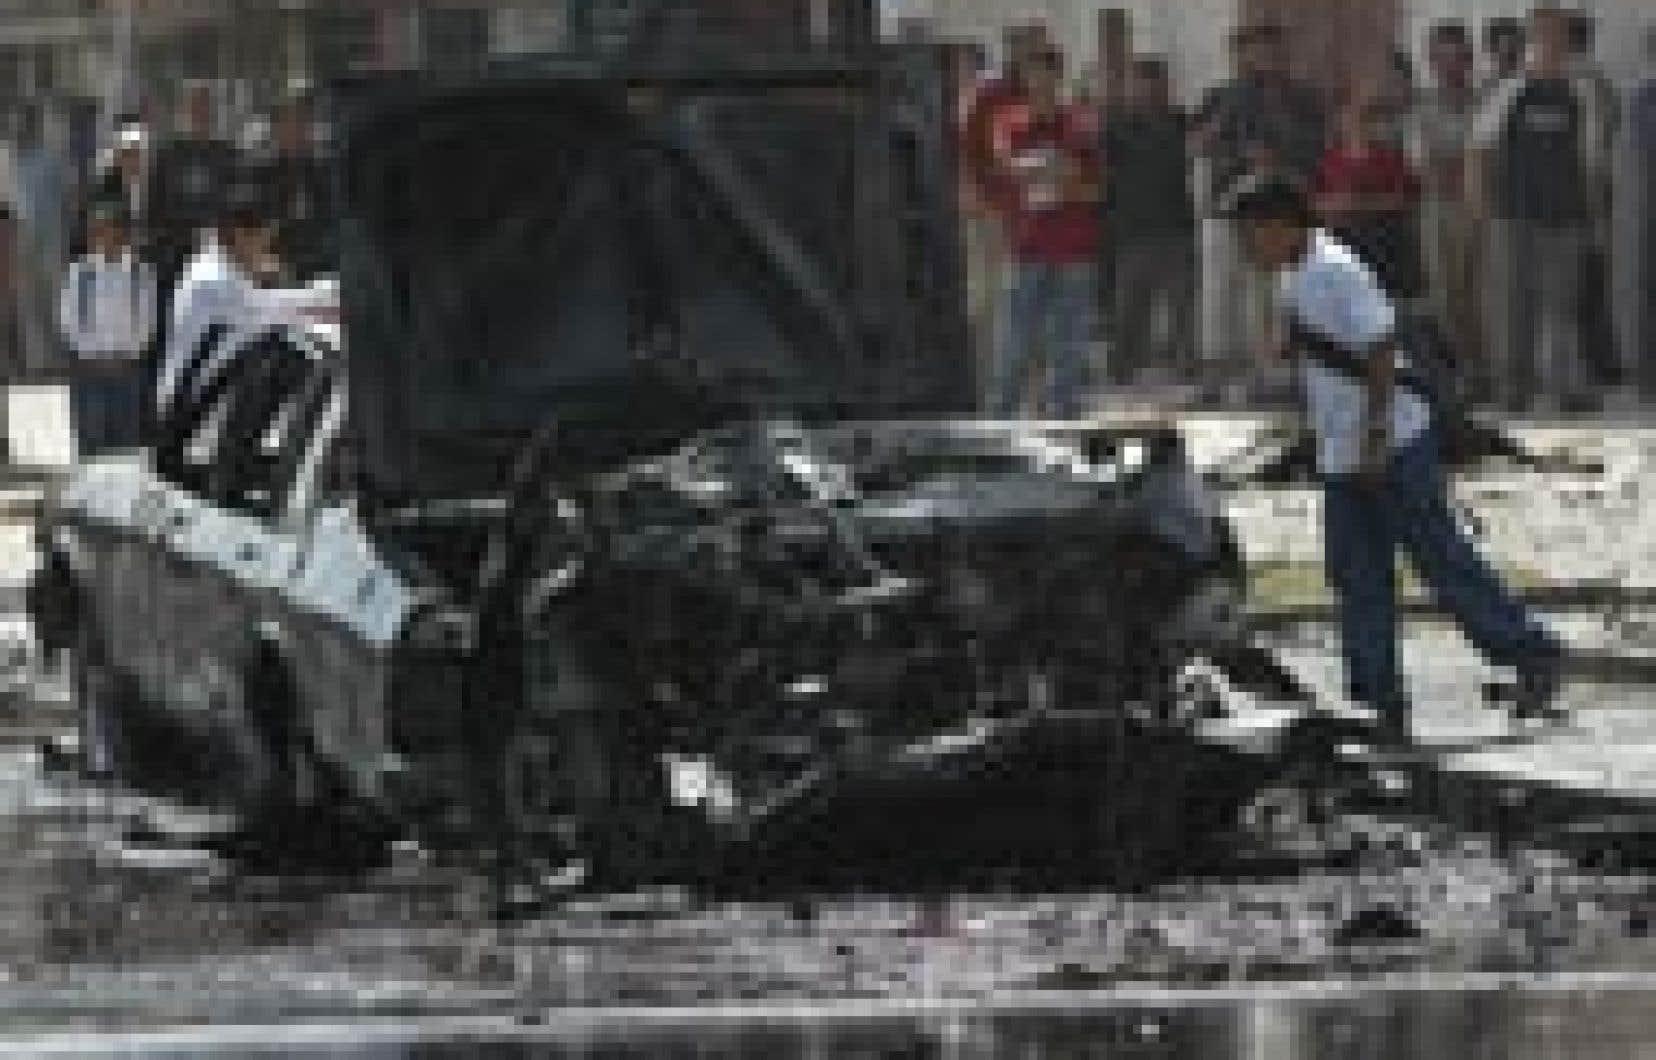 Un écolier irakien regardait un véhicule qui a explosé à Bagdad hier.